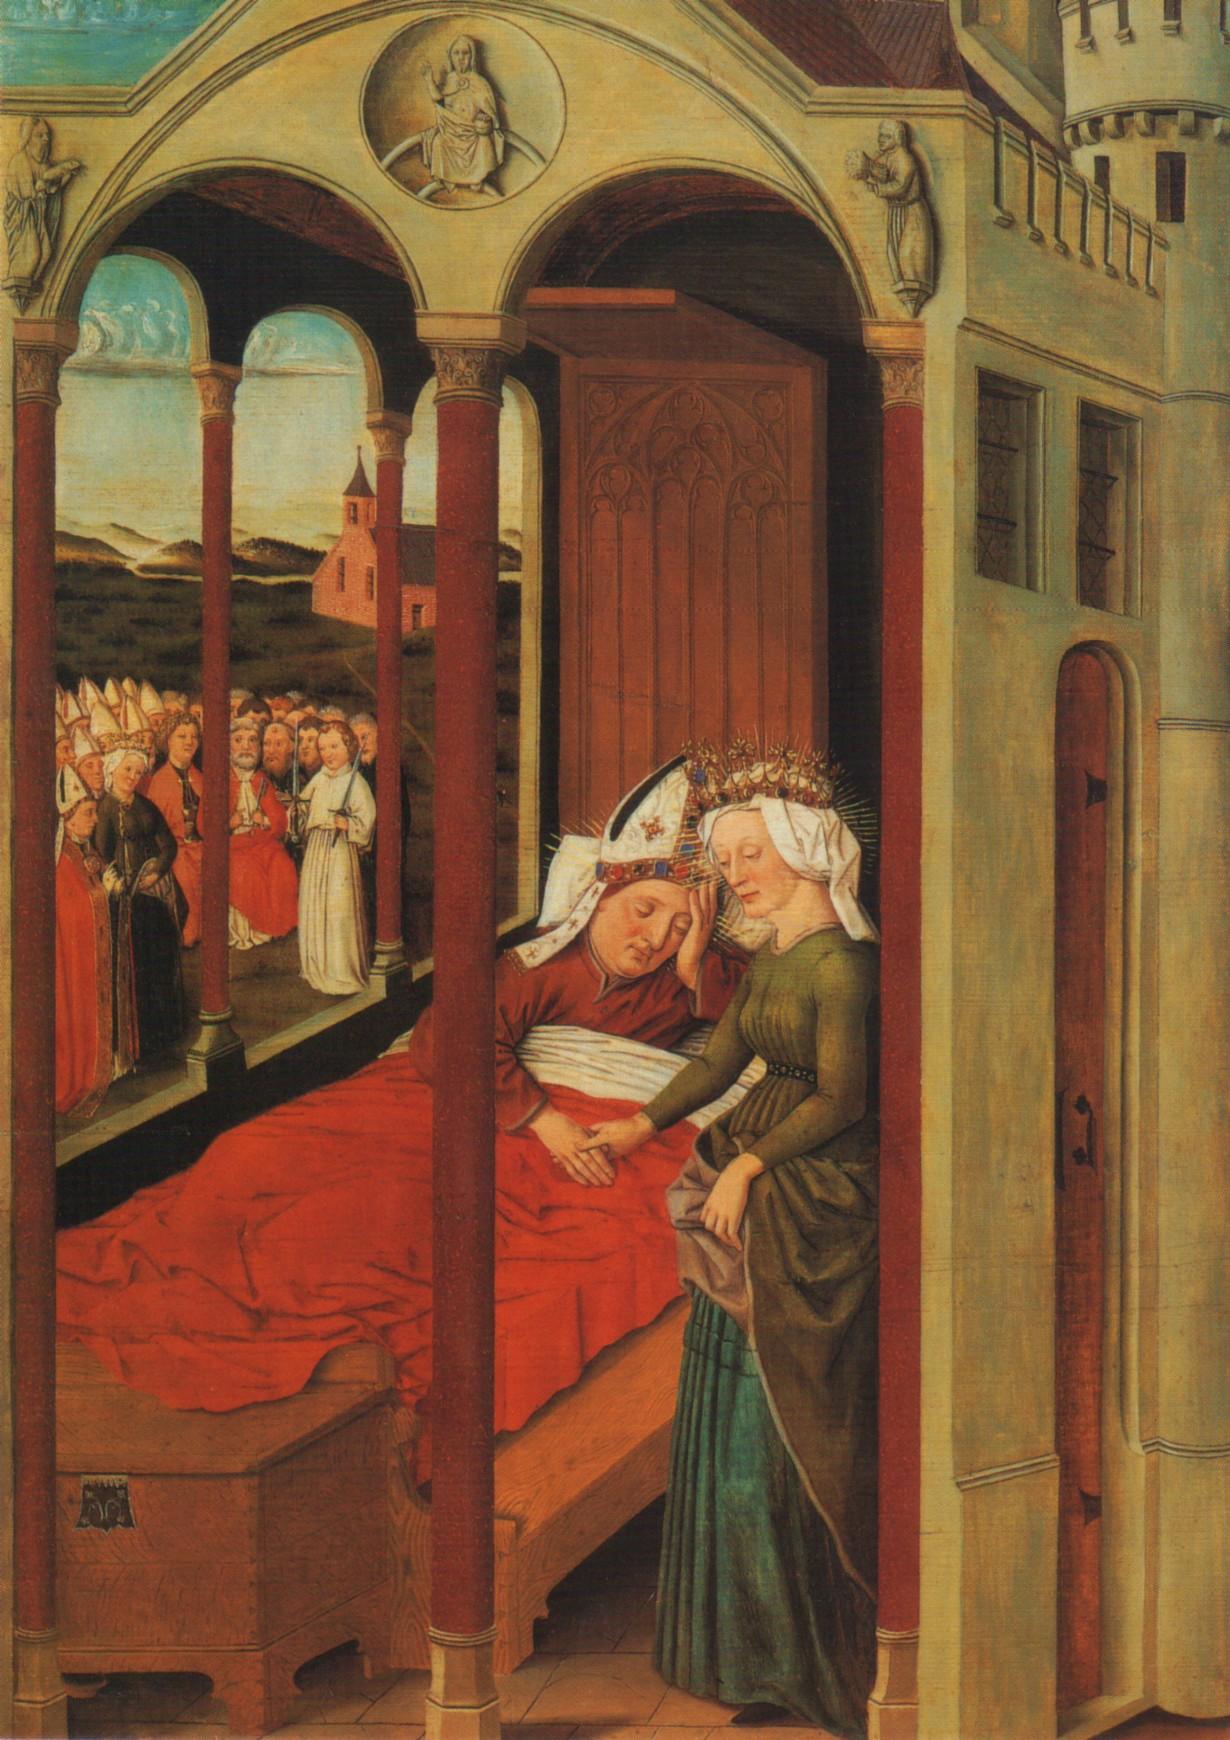 Tafelbild, um 1480: Afra erscheint Bischof Ulrich im Traum, in der Basilika St. Ulrich und Afra in Augsburg